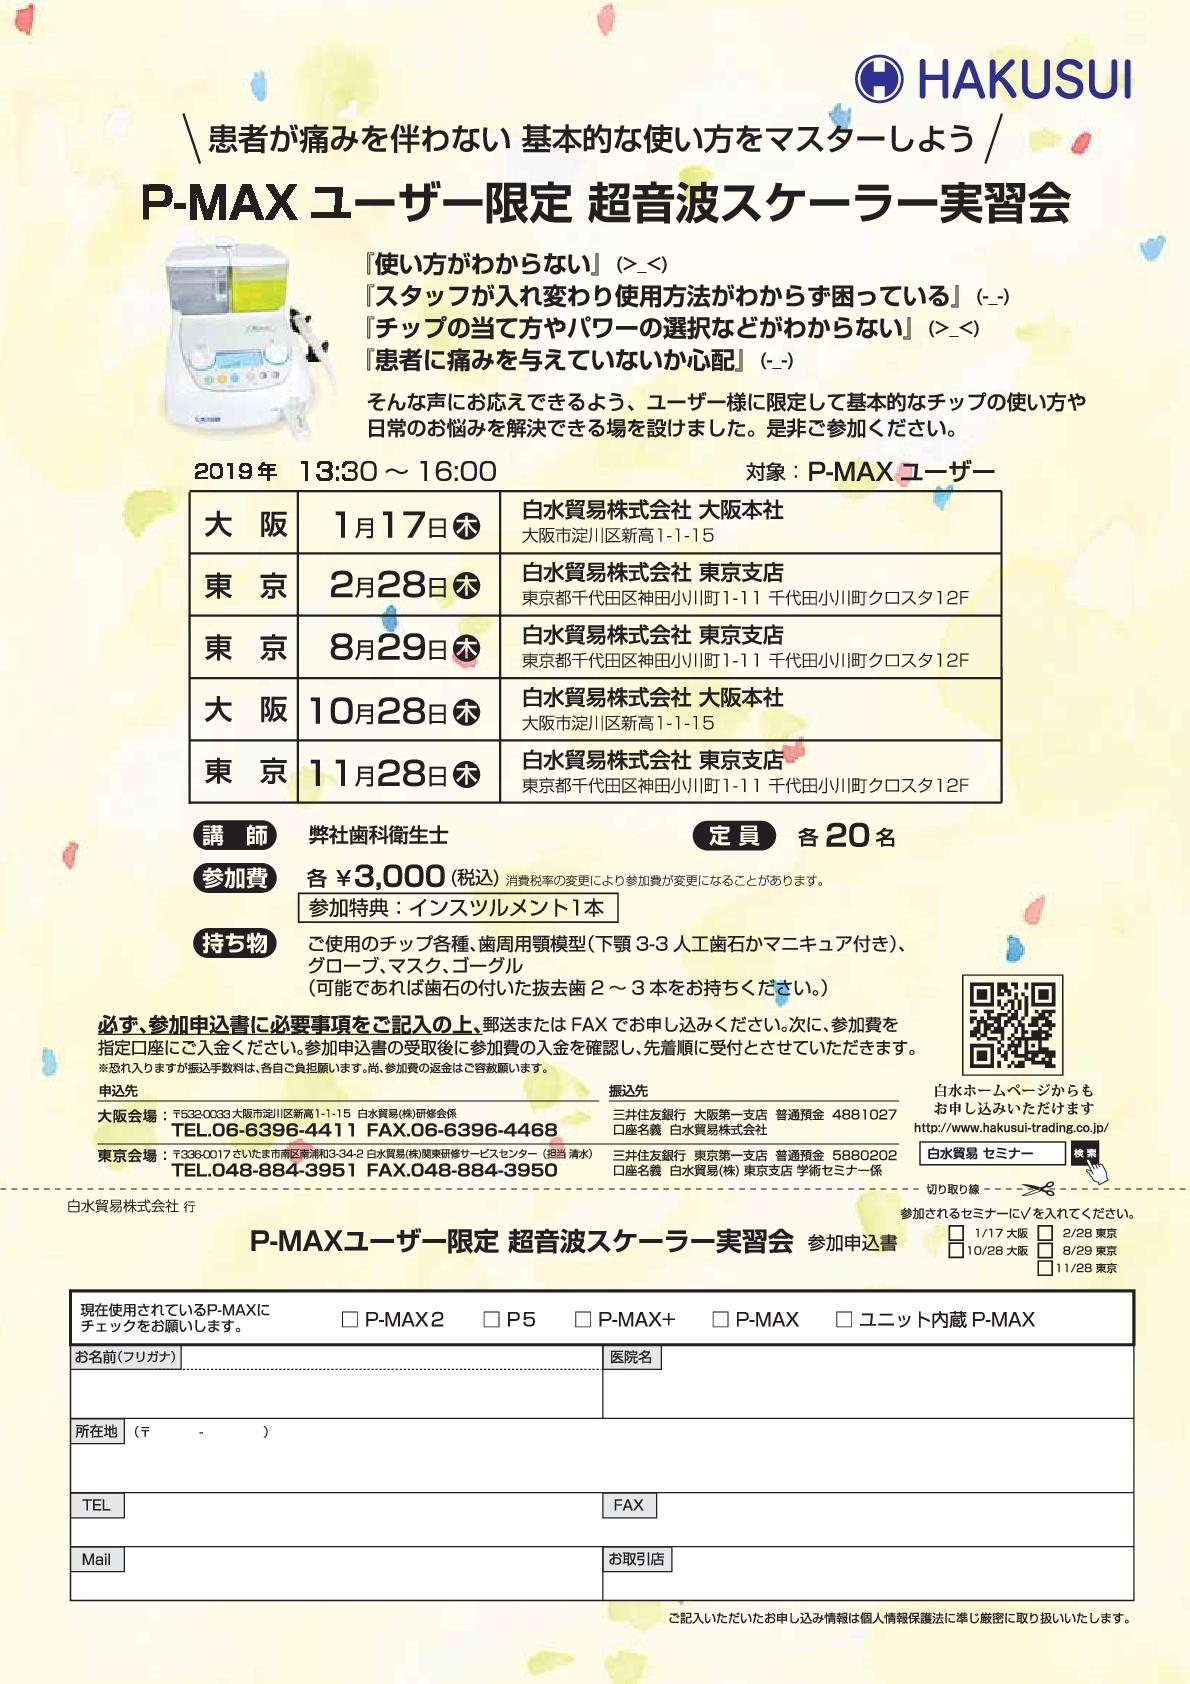 【東京】P-MAXユーザー限定超音波スケーラー実習会